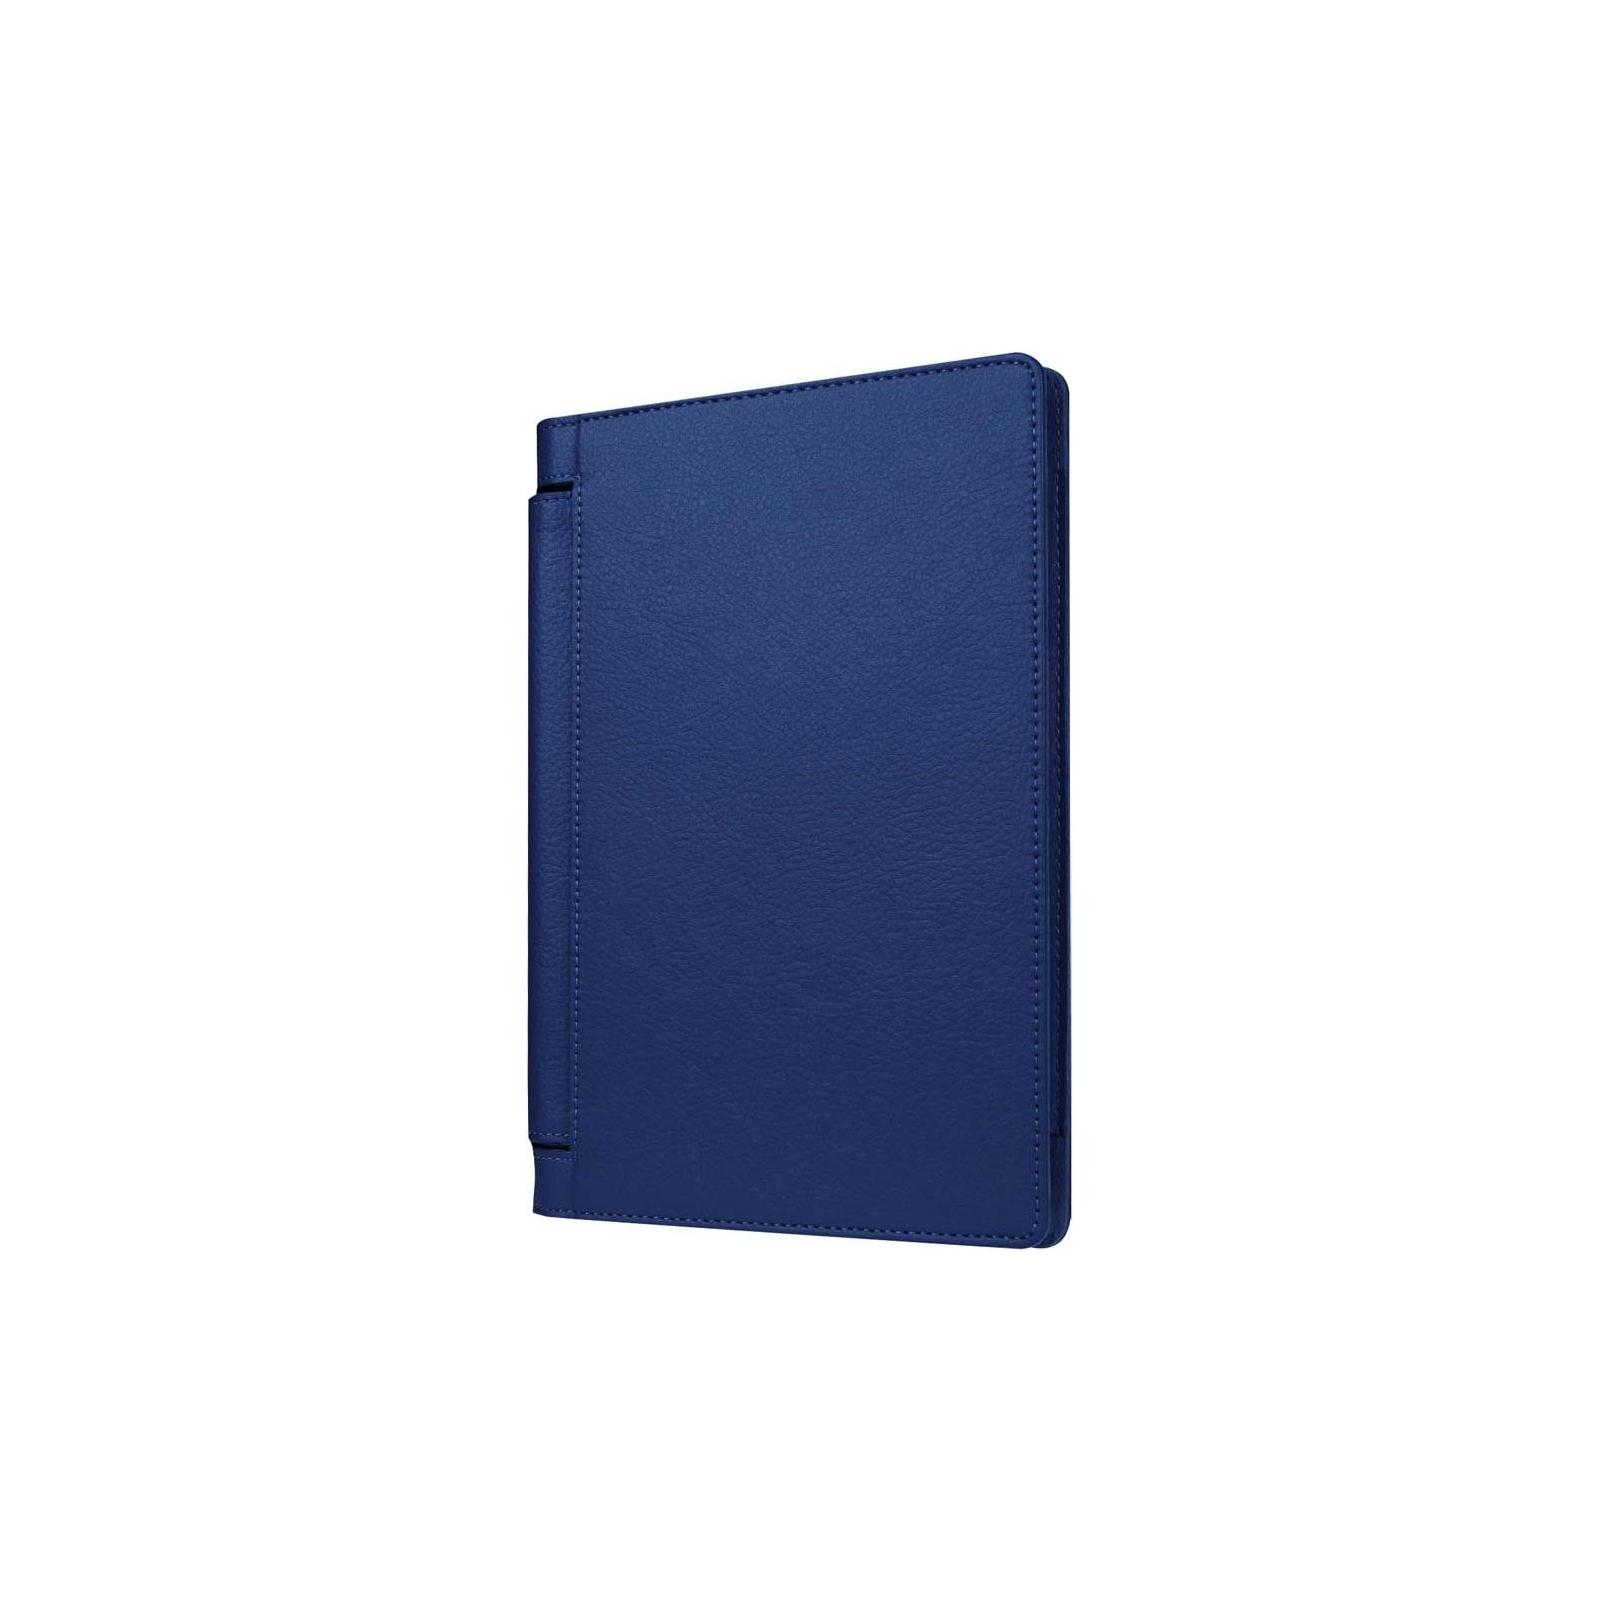 Чехол для планшета AirOn для Lenovo YOGA Tablet 3 8'' blue (4822352770303) изображение 3